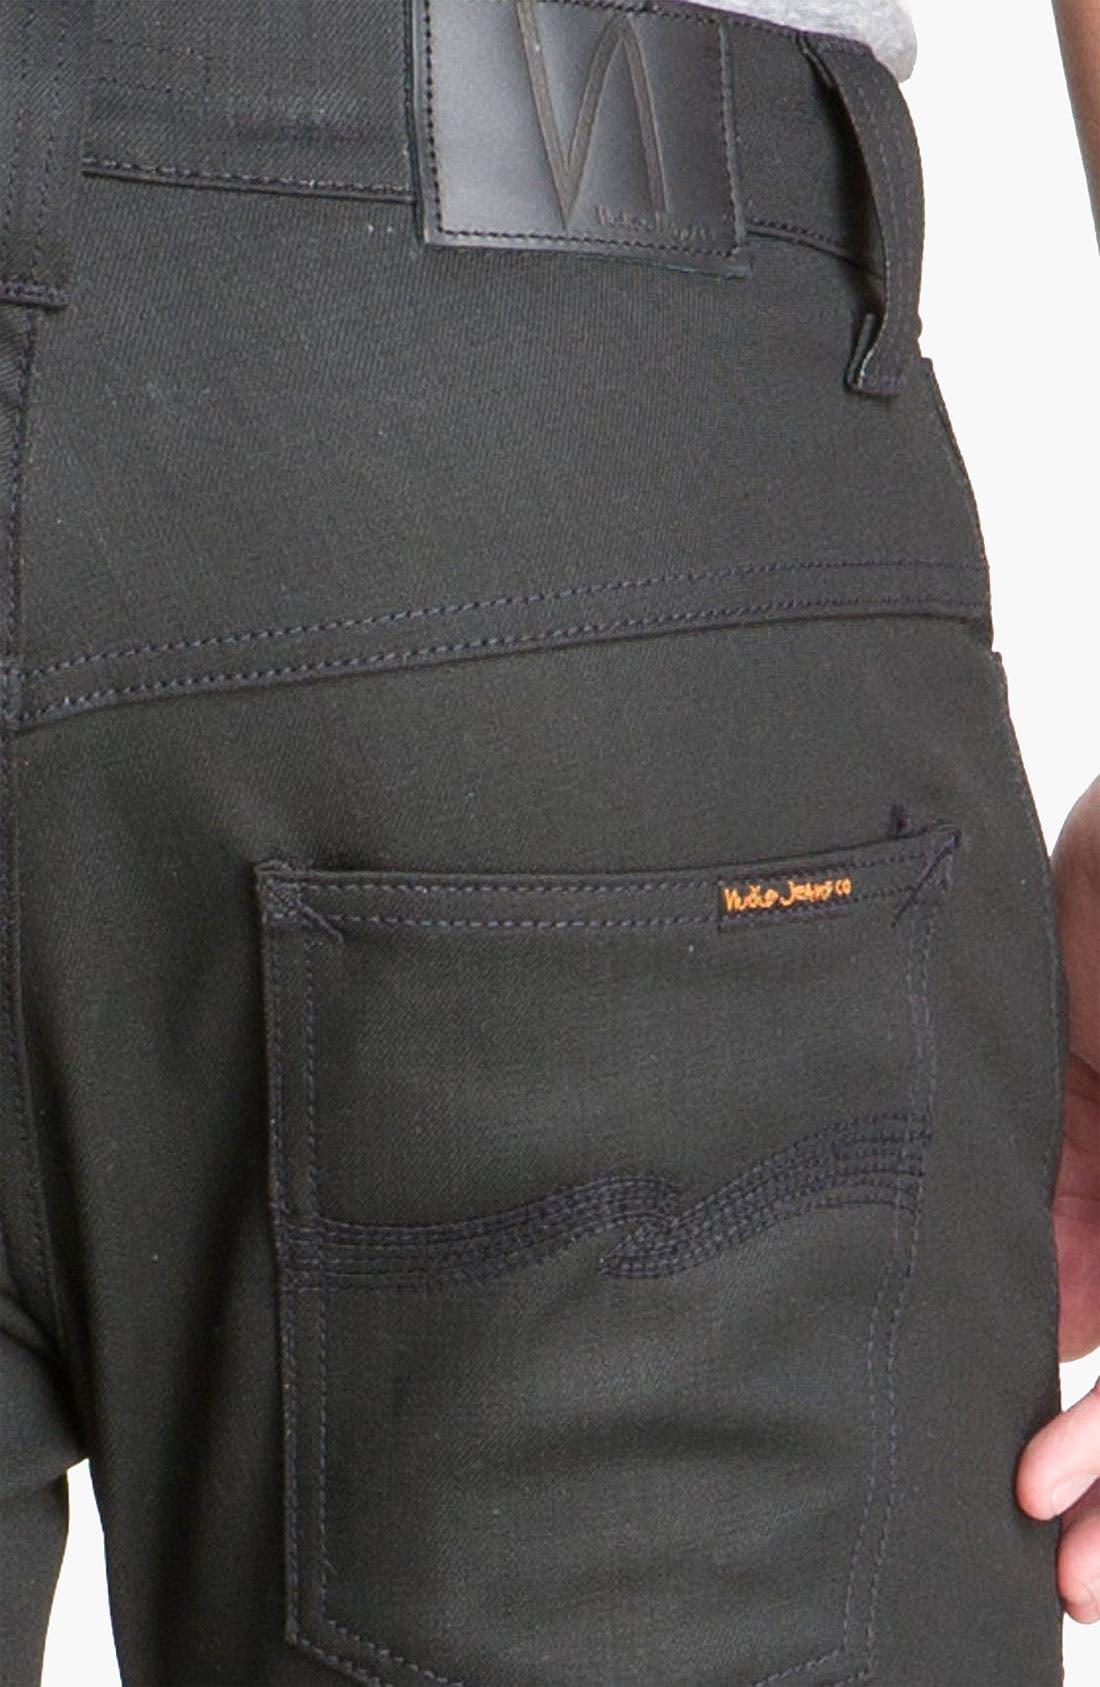 Alternate Image 4  - Nudie 'Thin Finn' Skinny Jeans (Dry Black)